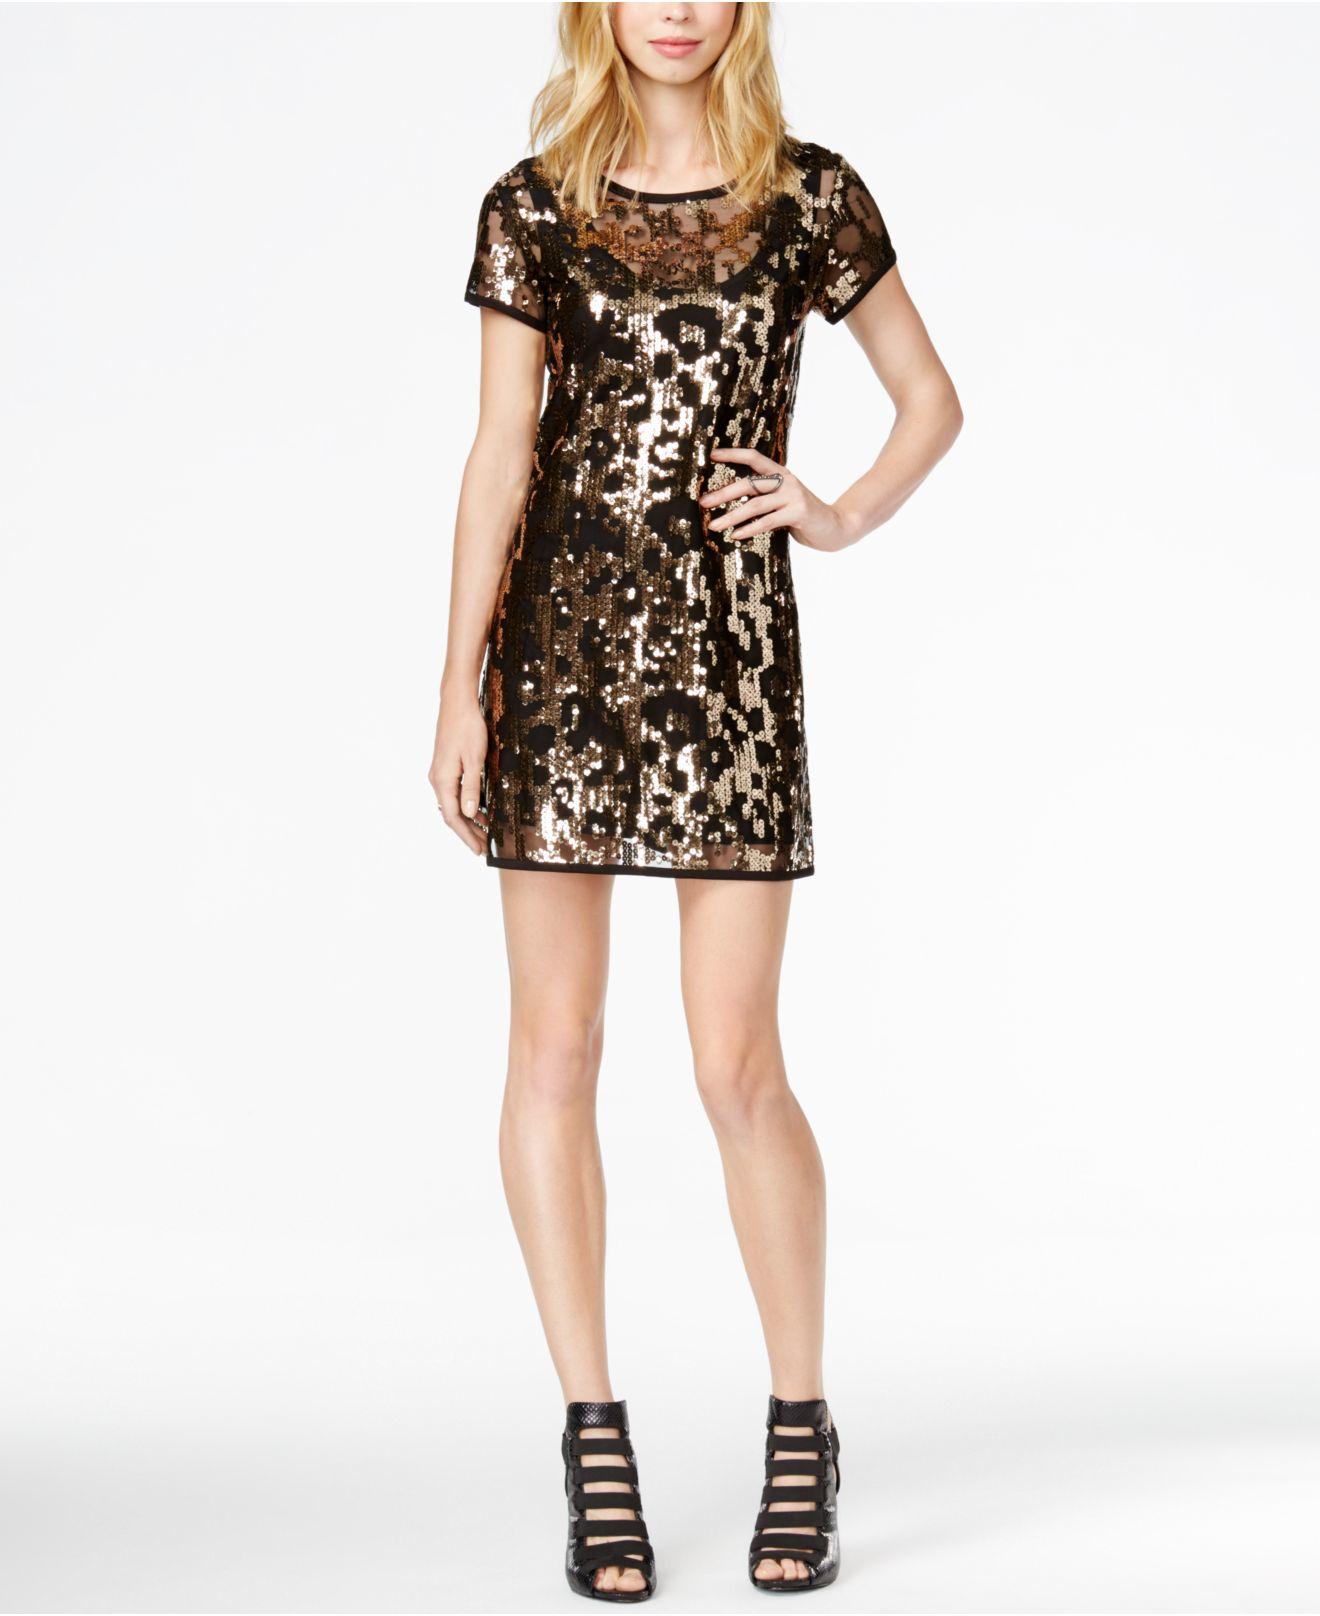 Guess gold sequin dress